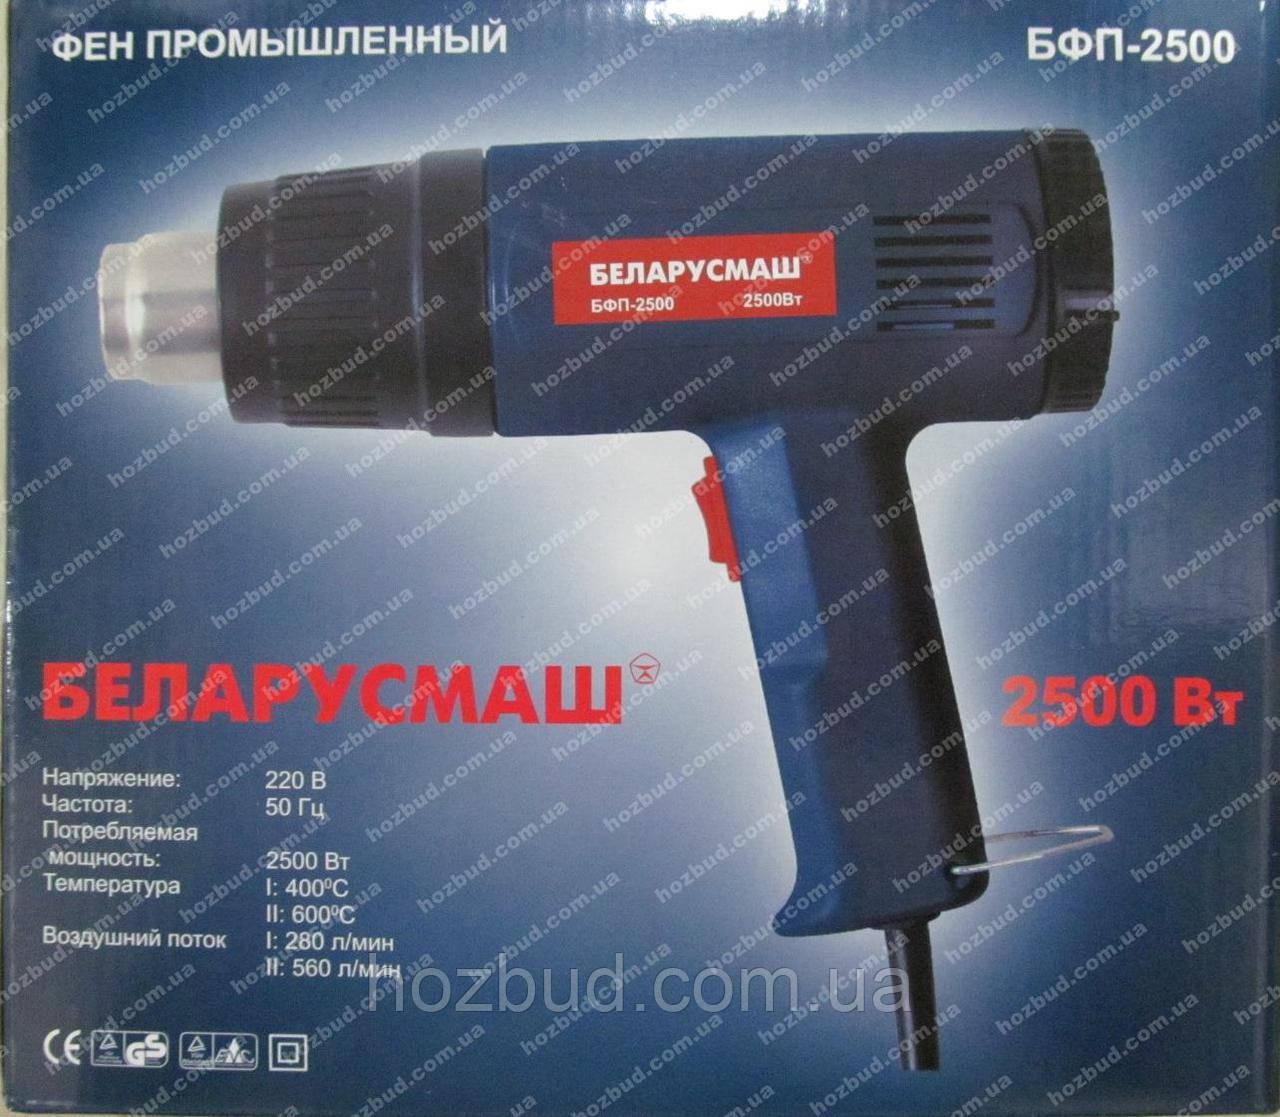 Фен промисловий Беларусмаш БФП-2500